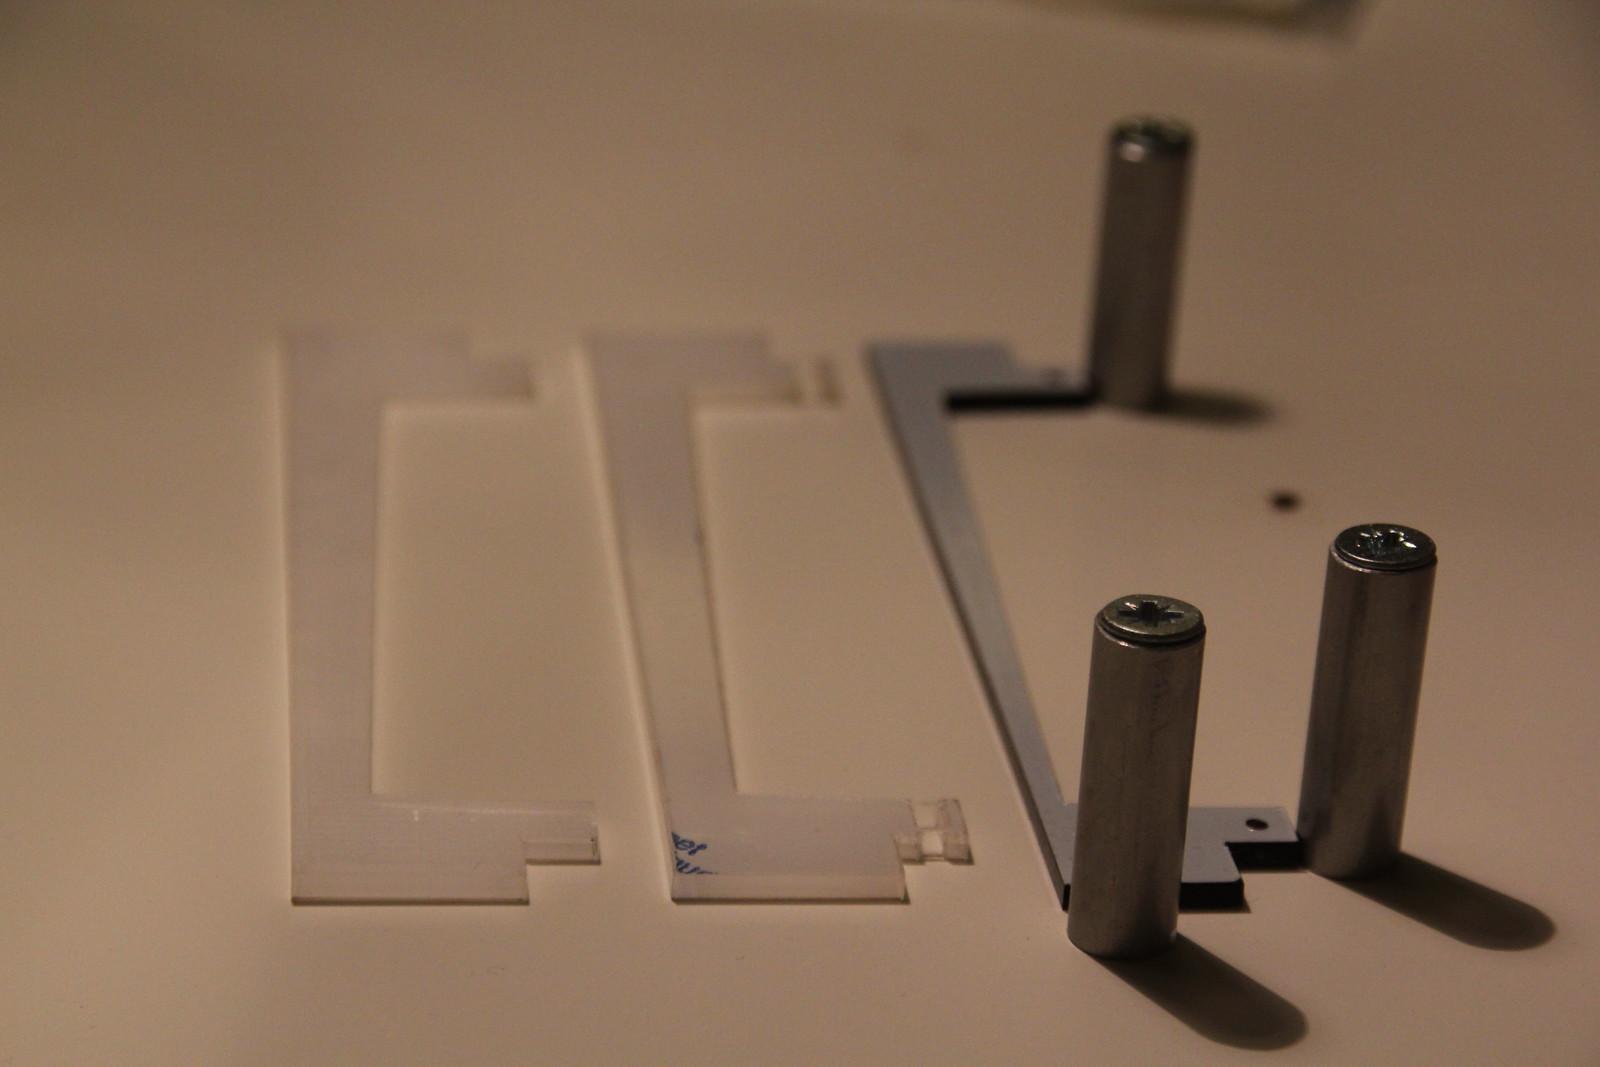 Jig for gluing/assembling hinges